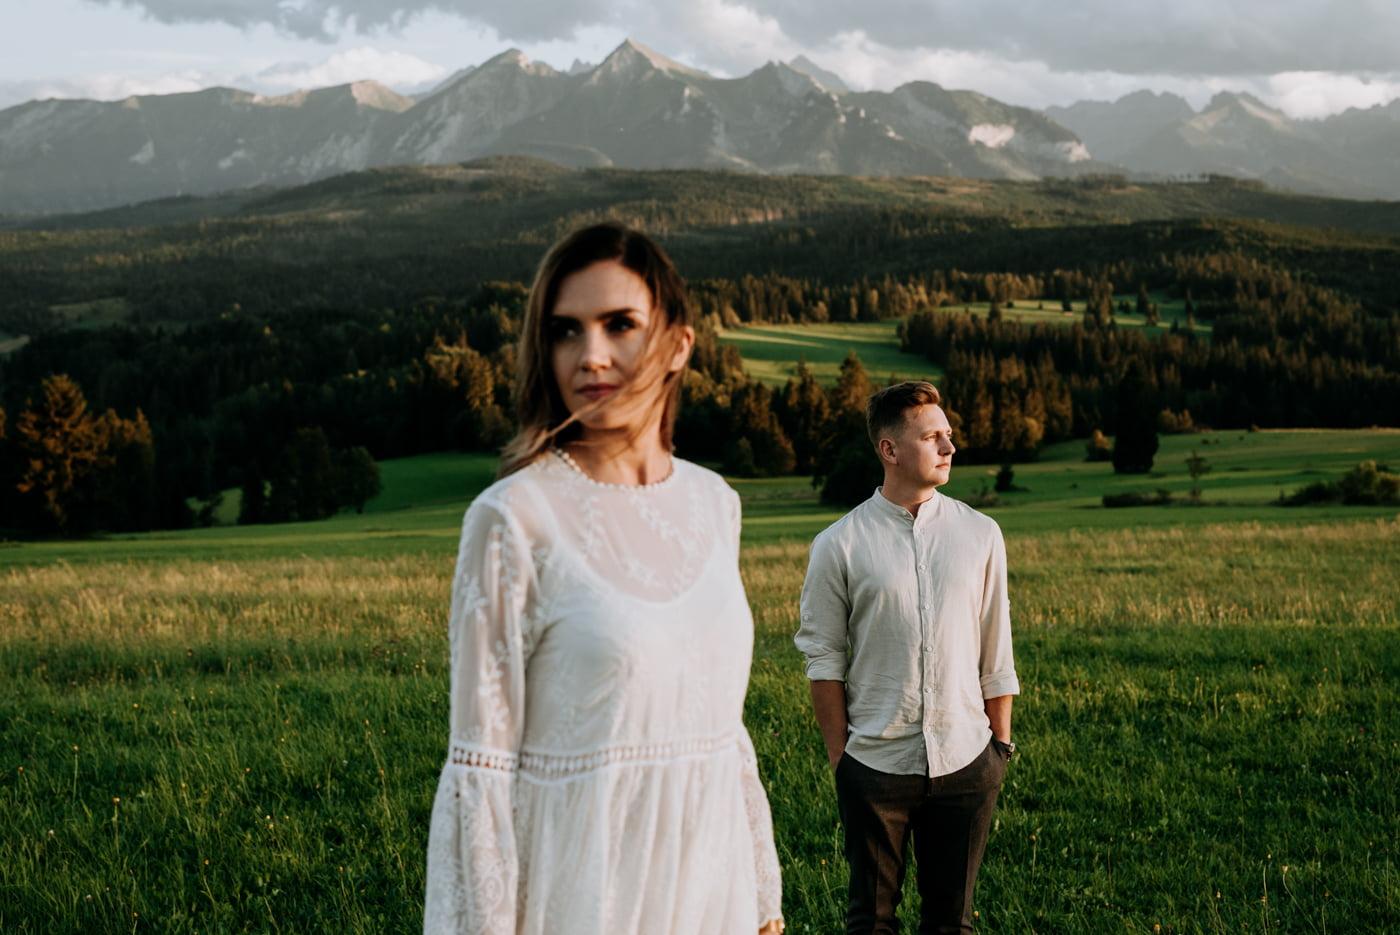 Sesja narzeczeńska w górach- Paulina i Filip 2